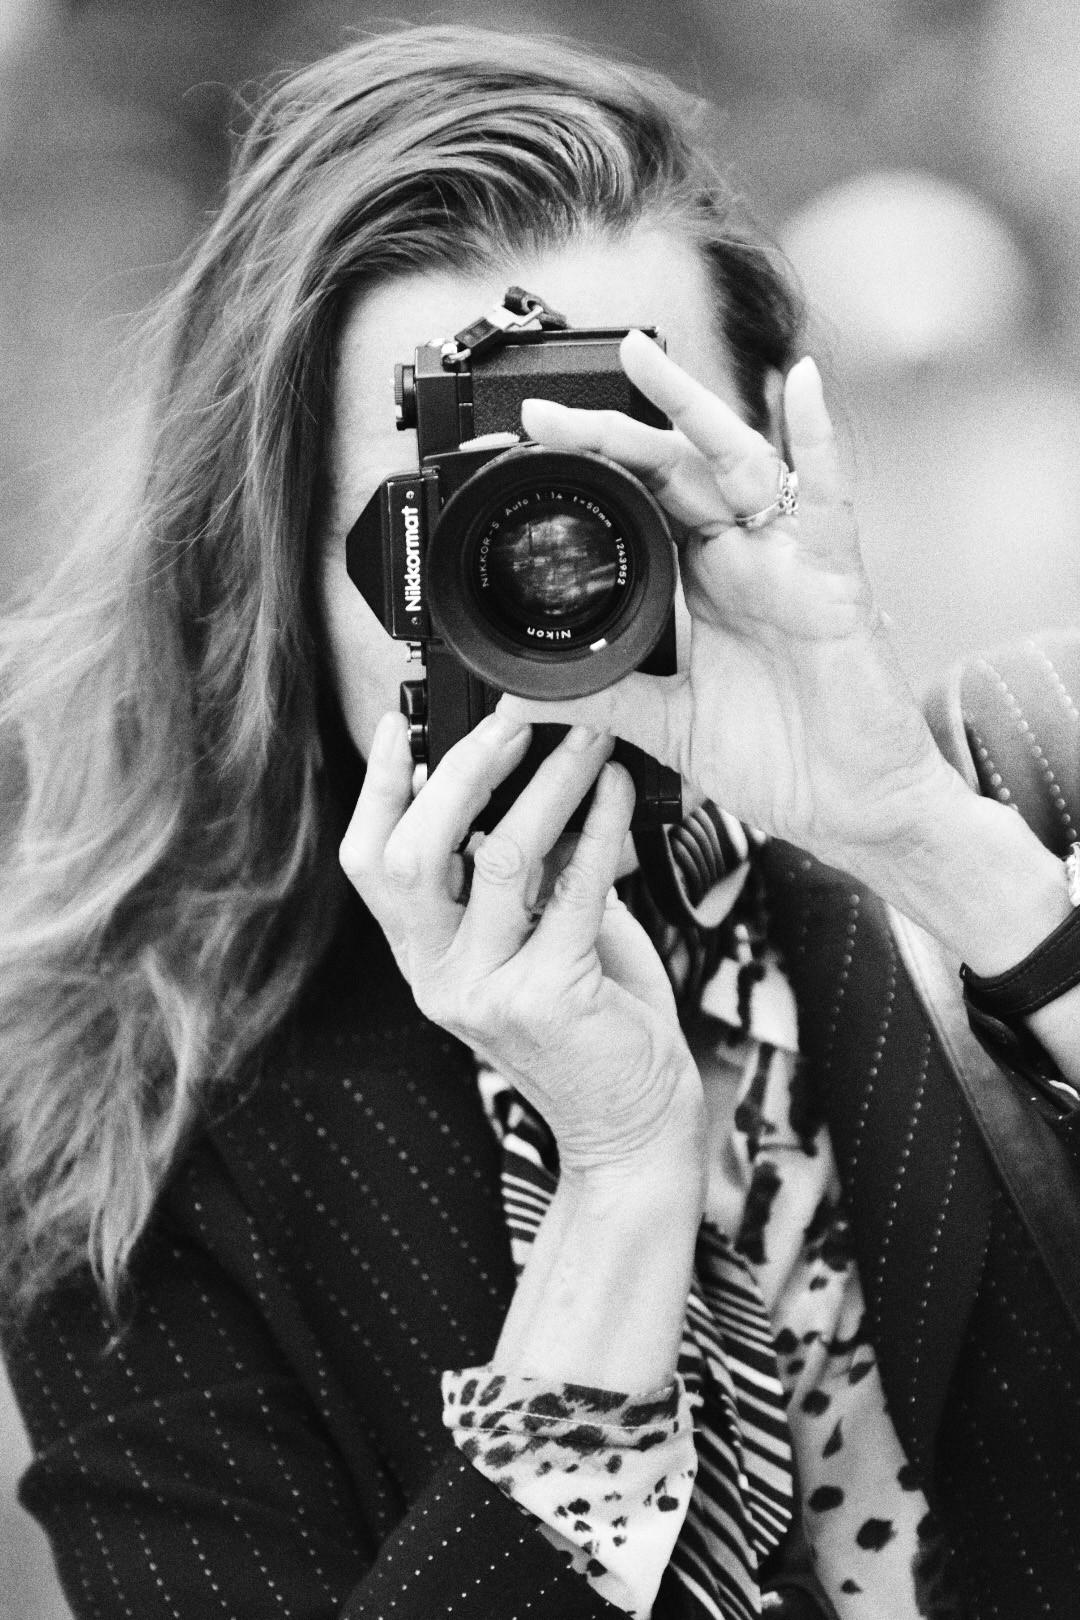 Amsterdam Michael Klinkhamer analog 8 pxp look in lens female